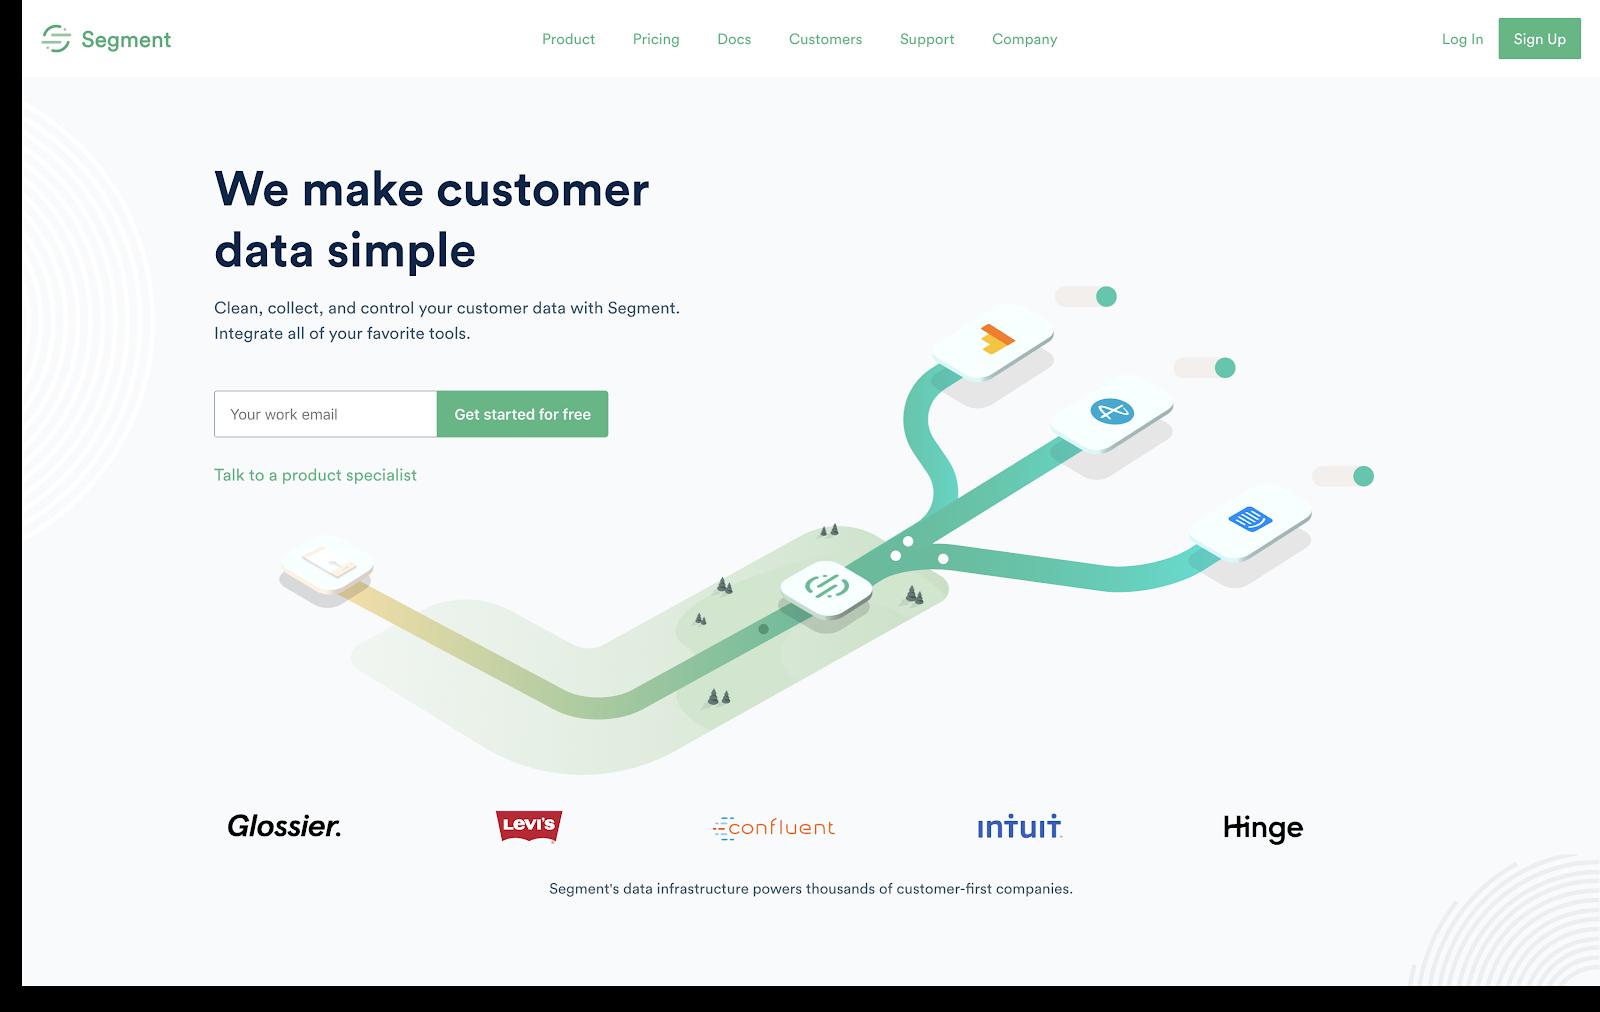 Segment personalization strategy